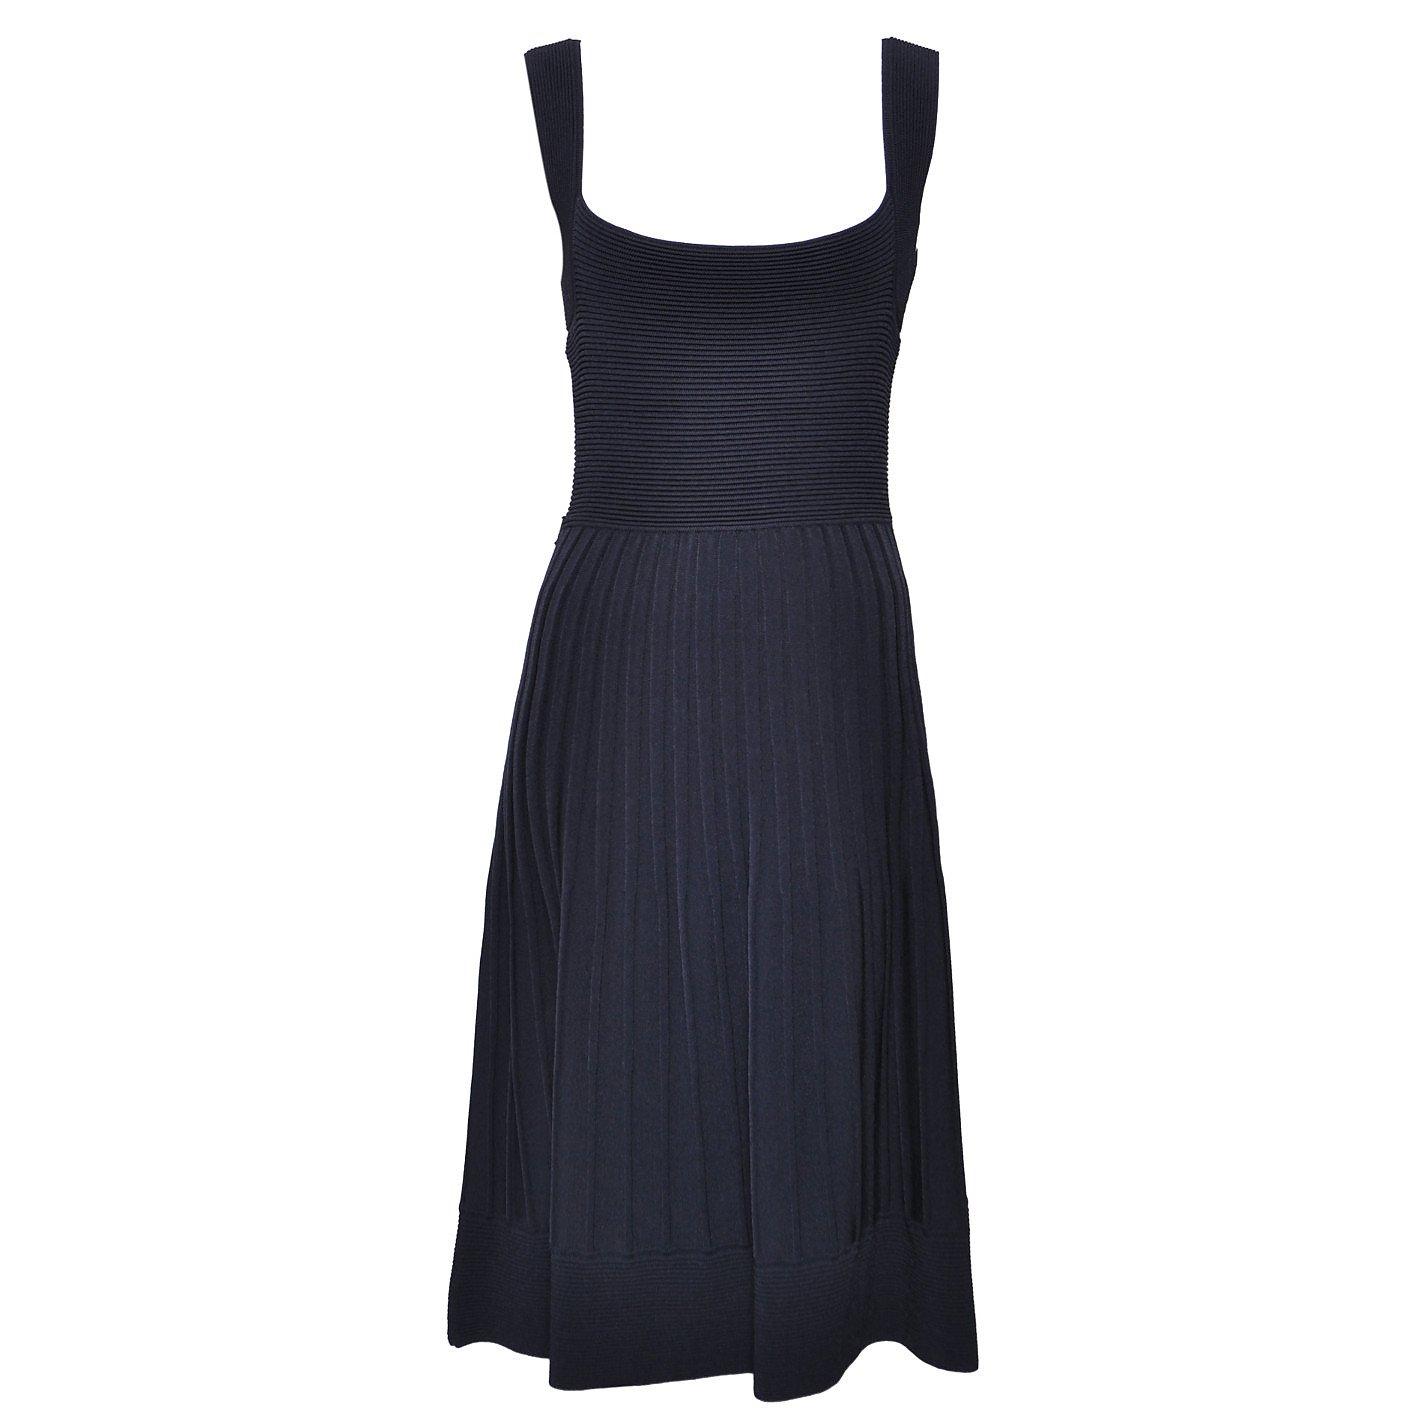 Carolina Herrera Ribbed Sleeveless Dress